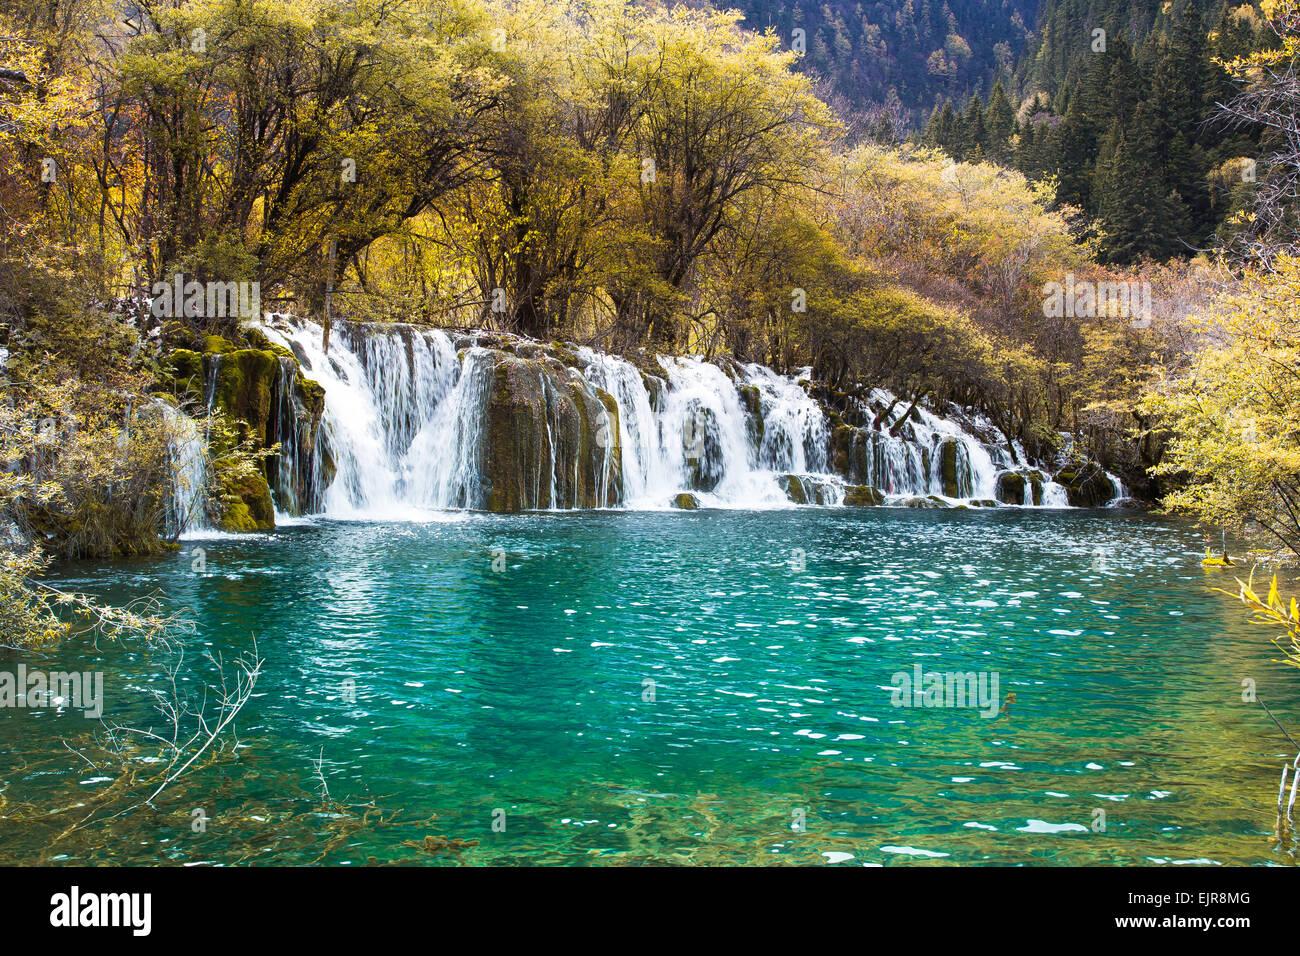 Pfeil Bambus Wasserfall Jiuzhaigou Landschaftlich In Sichuan China